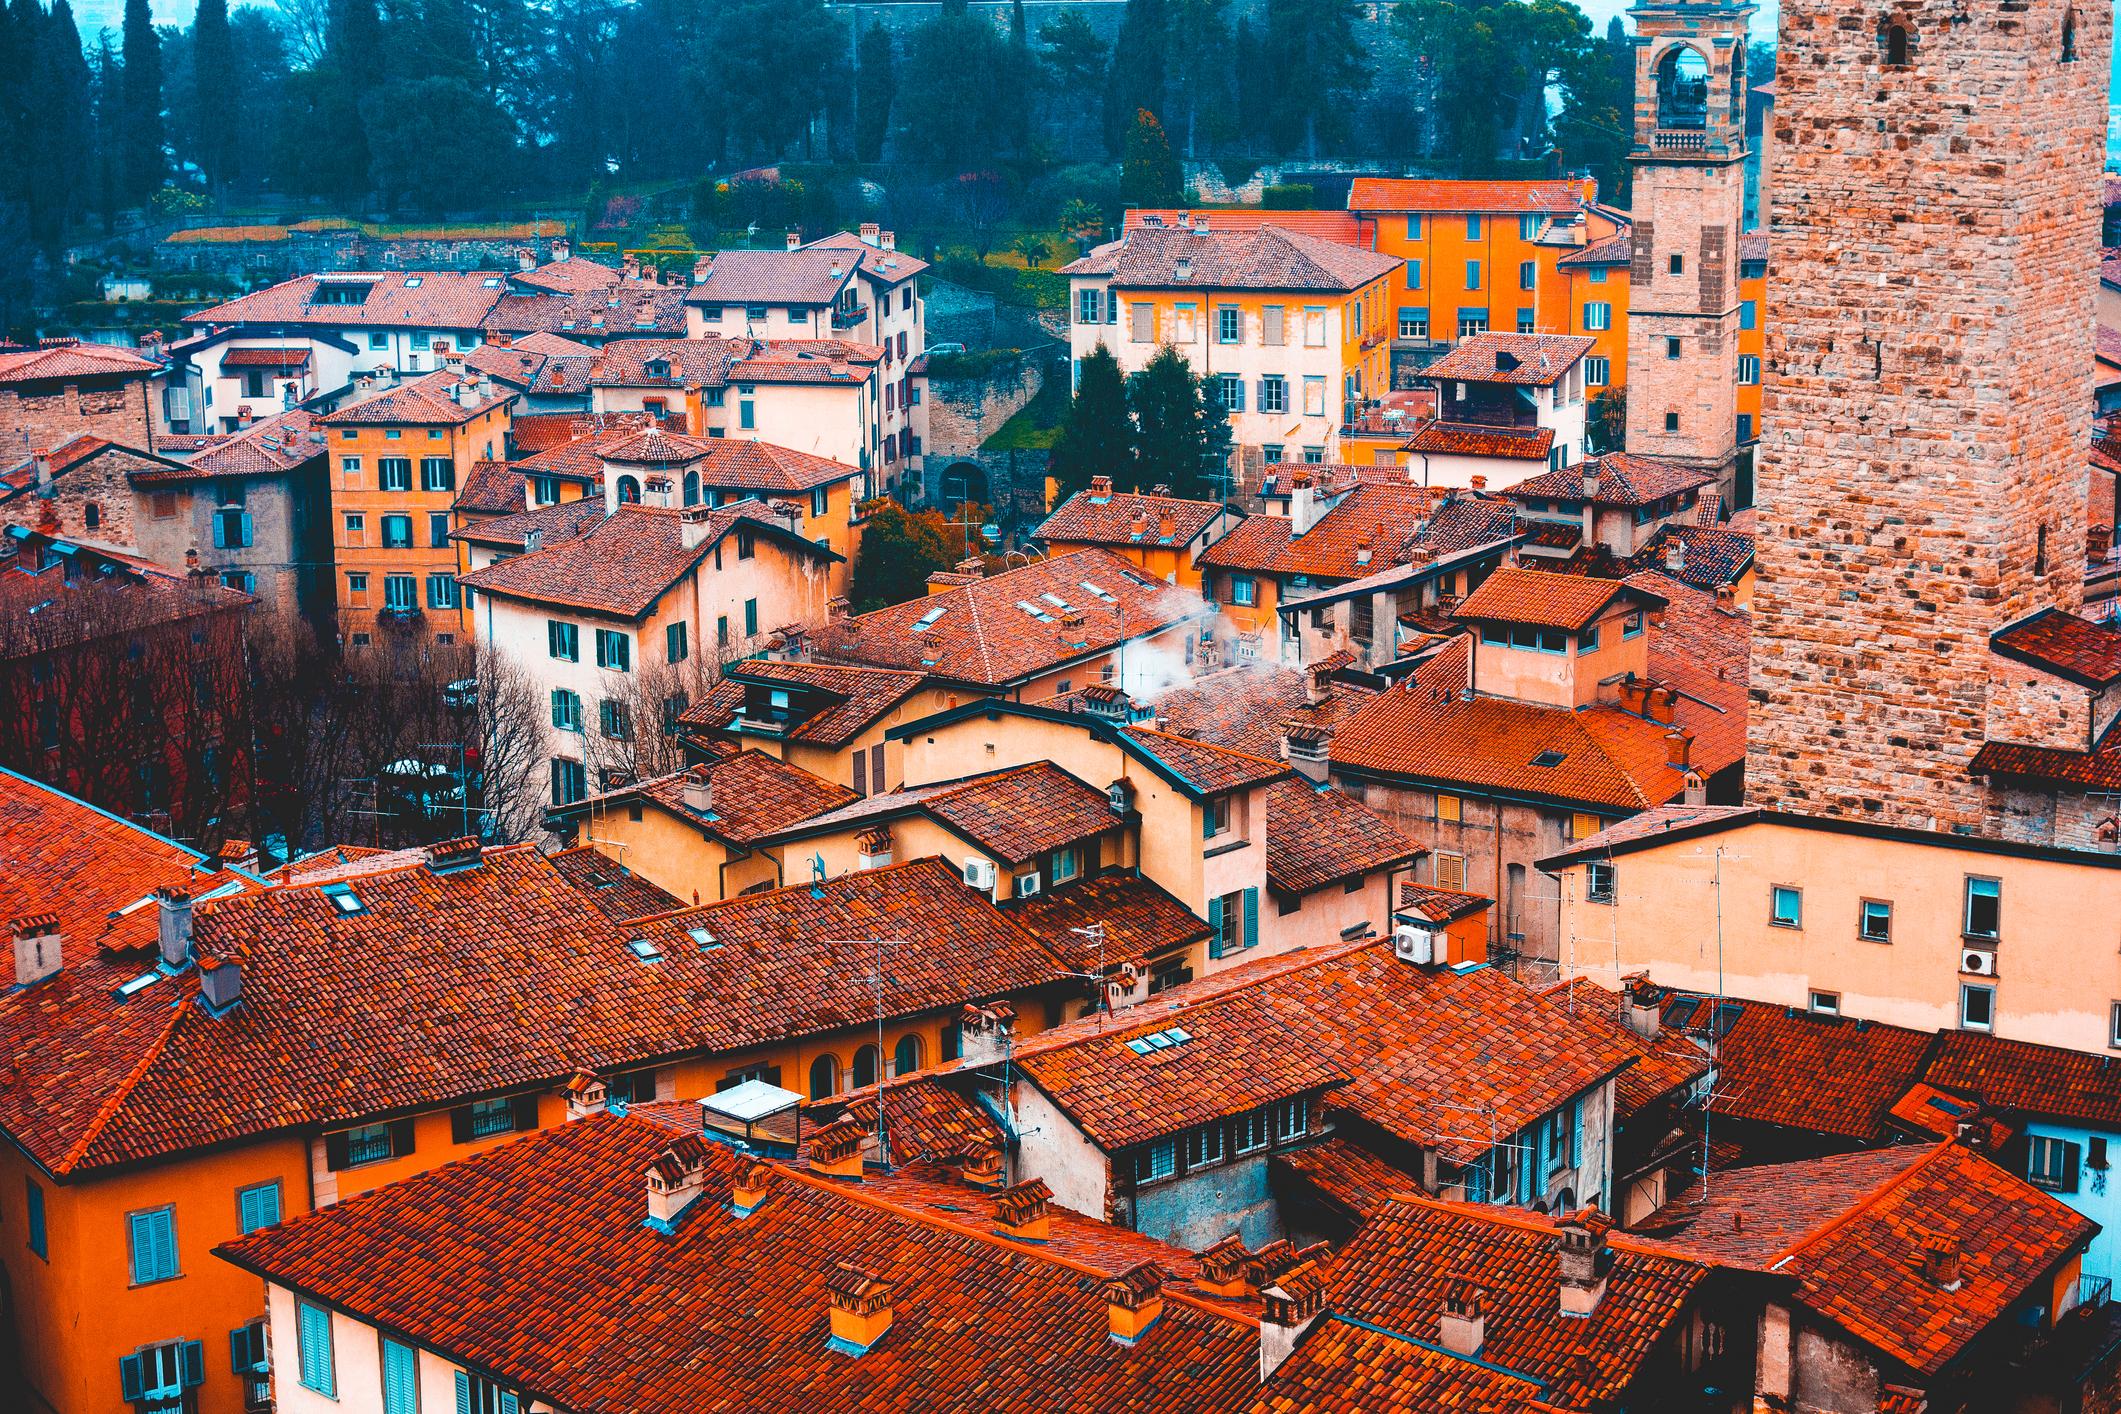 Град Бергамо е център на едноименната провинцияБергамов областтаЛомбардия. Разположен е в подножието наАлпите.Градът се състои от две части. Средновековна част, която е разположена нахълми съвременна промишлена част, която е разположена вравнинатаоколо хълма. Днешният град Бергамо е възникнал на мястото на древния град Бергомум.През 5 век е бил разрушен отхуните, предвождани отАтила. След възстановяването му ставастолицанаЛомбардското херцогство, като е под зависимостта на Милано.